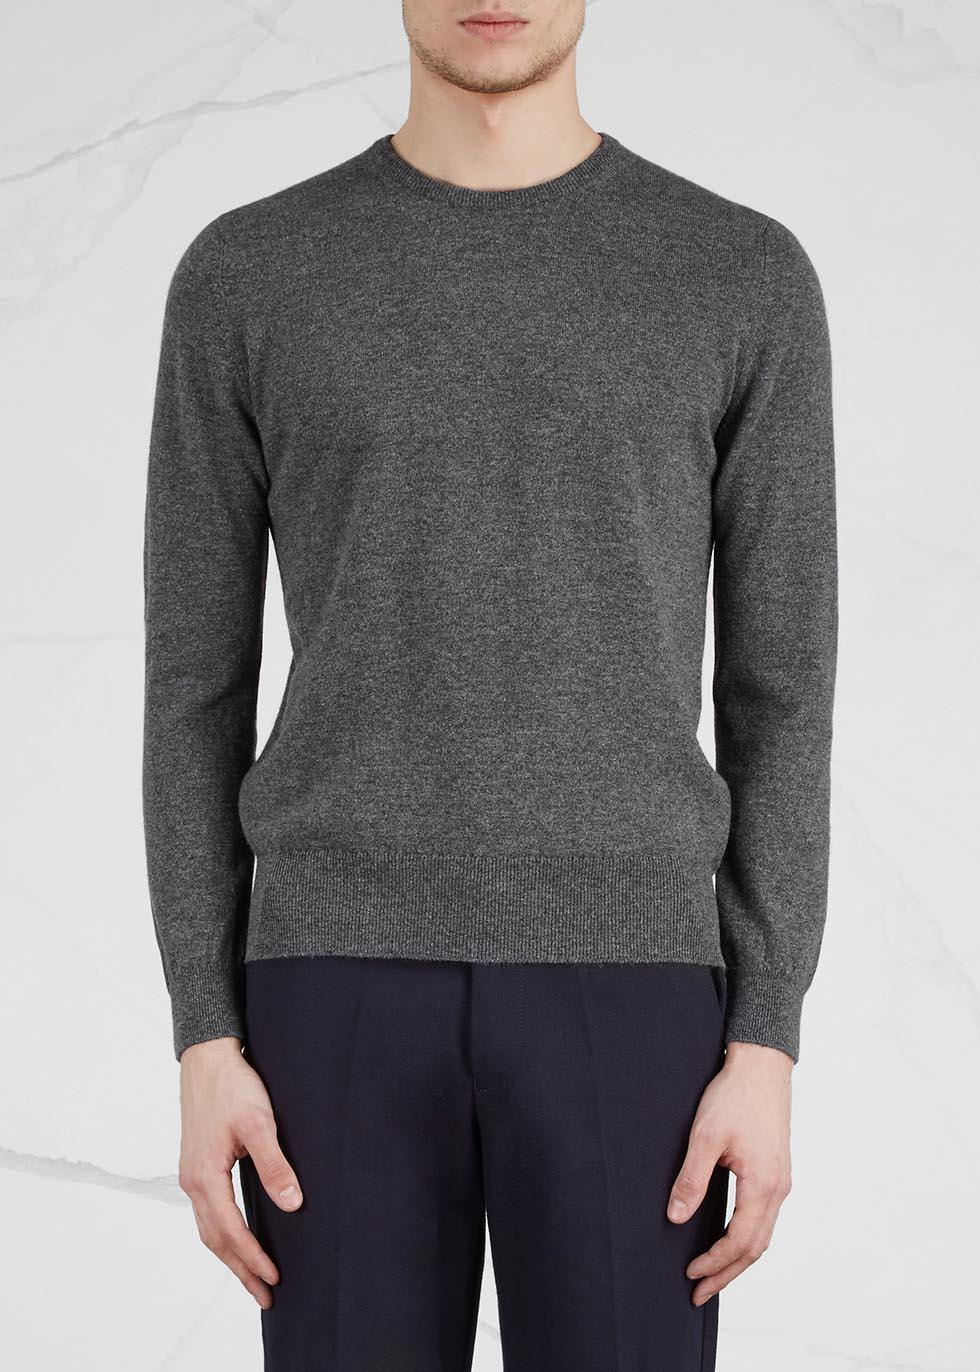 Charcoal cashmere jumper - Johnstons of Elgin